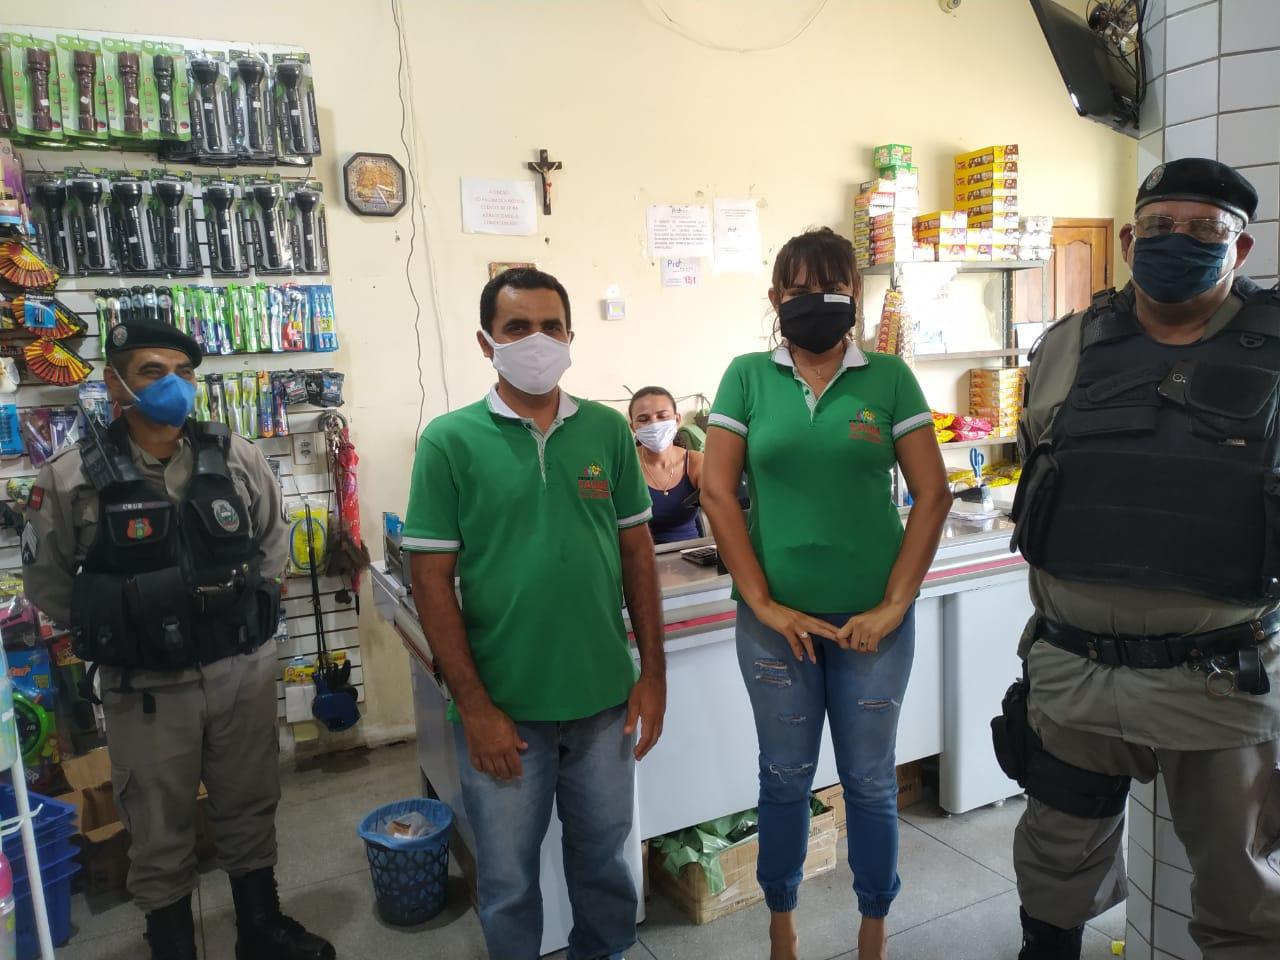 Secretaria de Saúde de Mato Grosso realiza Movimento Sanitário com apoio da Polícia Militar